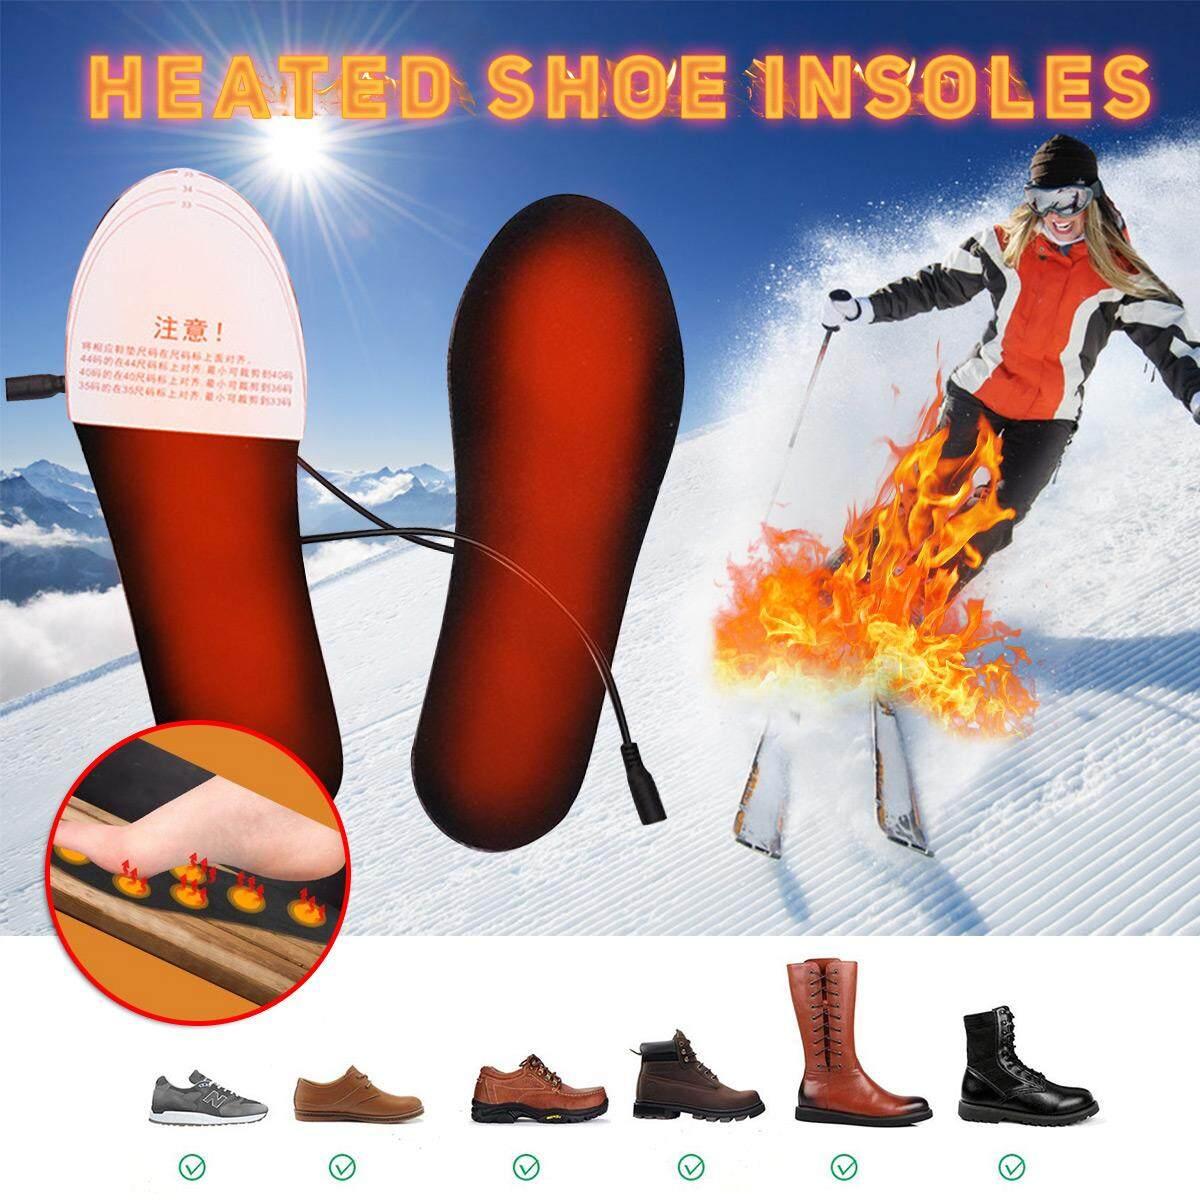 44-40Size Nóng Lót Giày USB Chạy Bằng Điện Phim Nóng Chân Ấm Tất Miếng Lót Chân